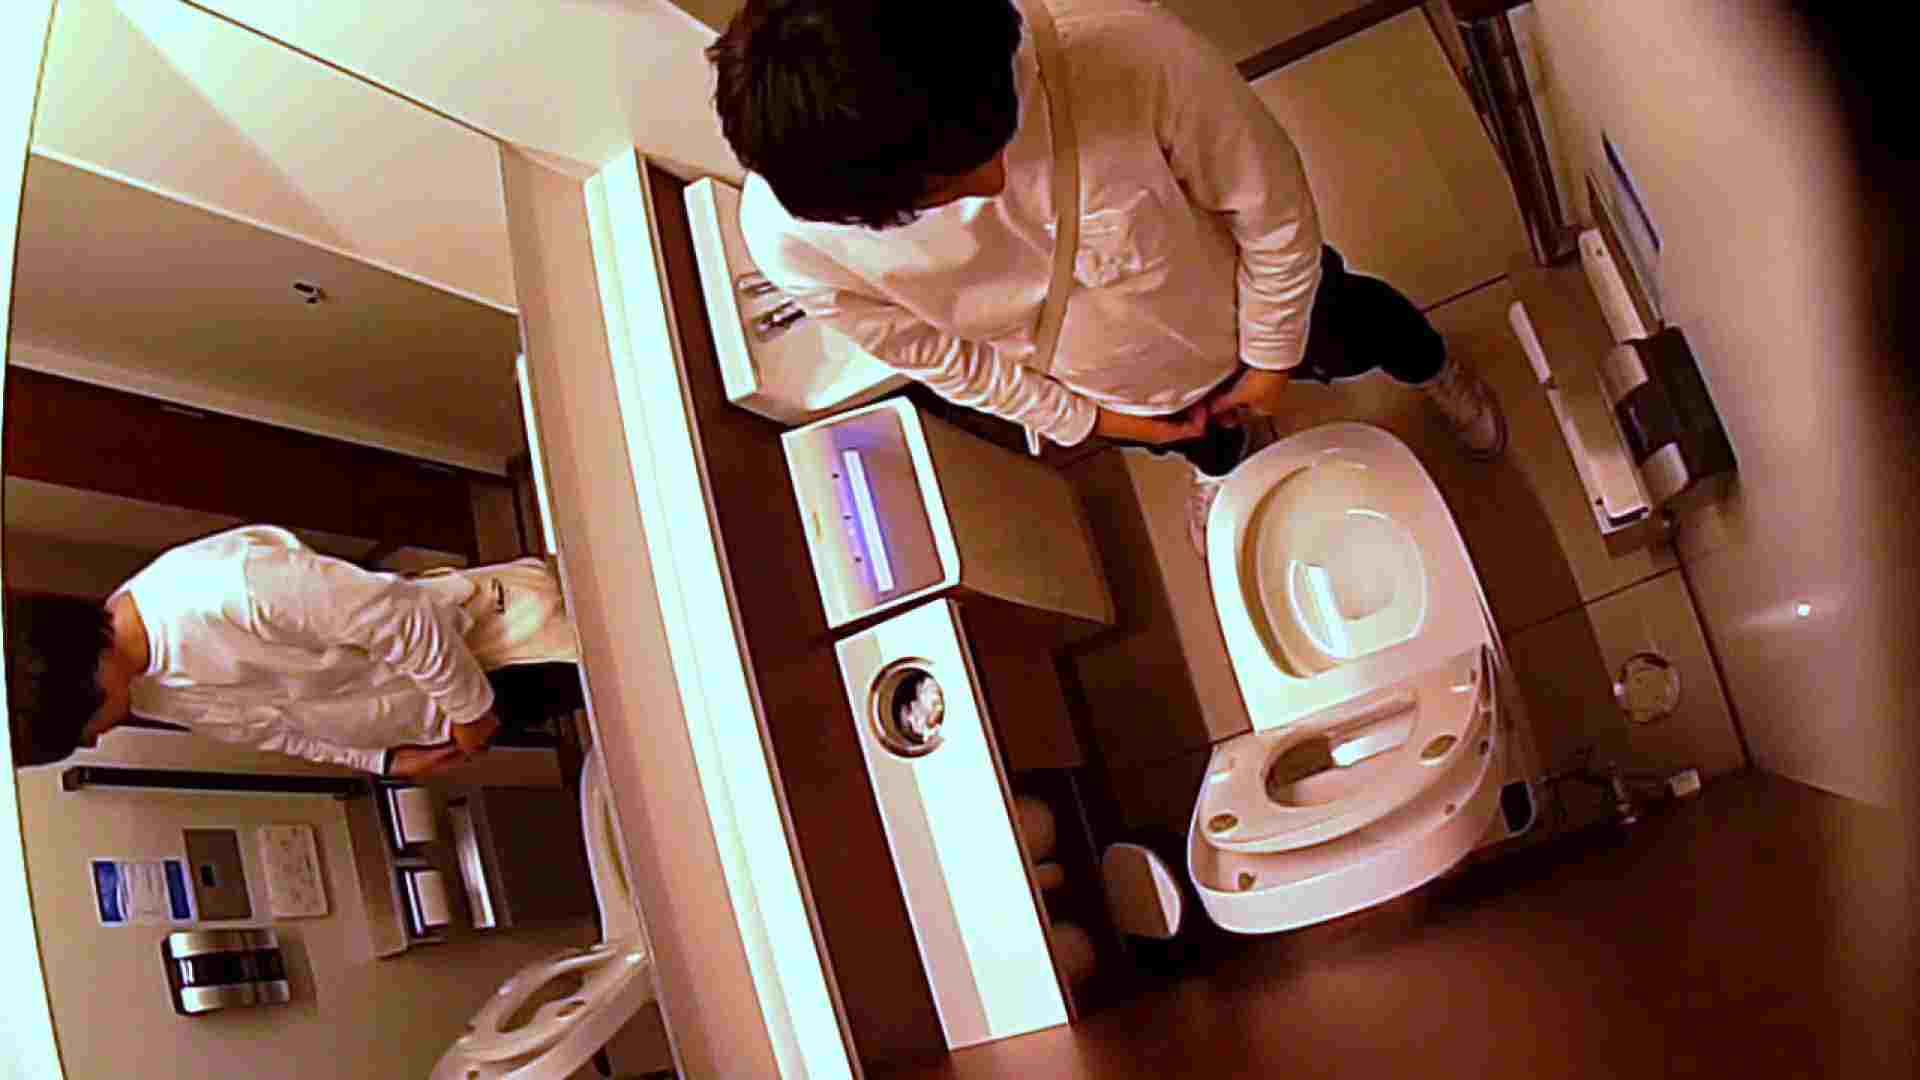 すみませんが覗かせてください Vol.32 トイレ | 0  102pic 95